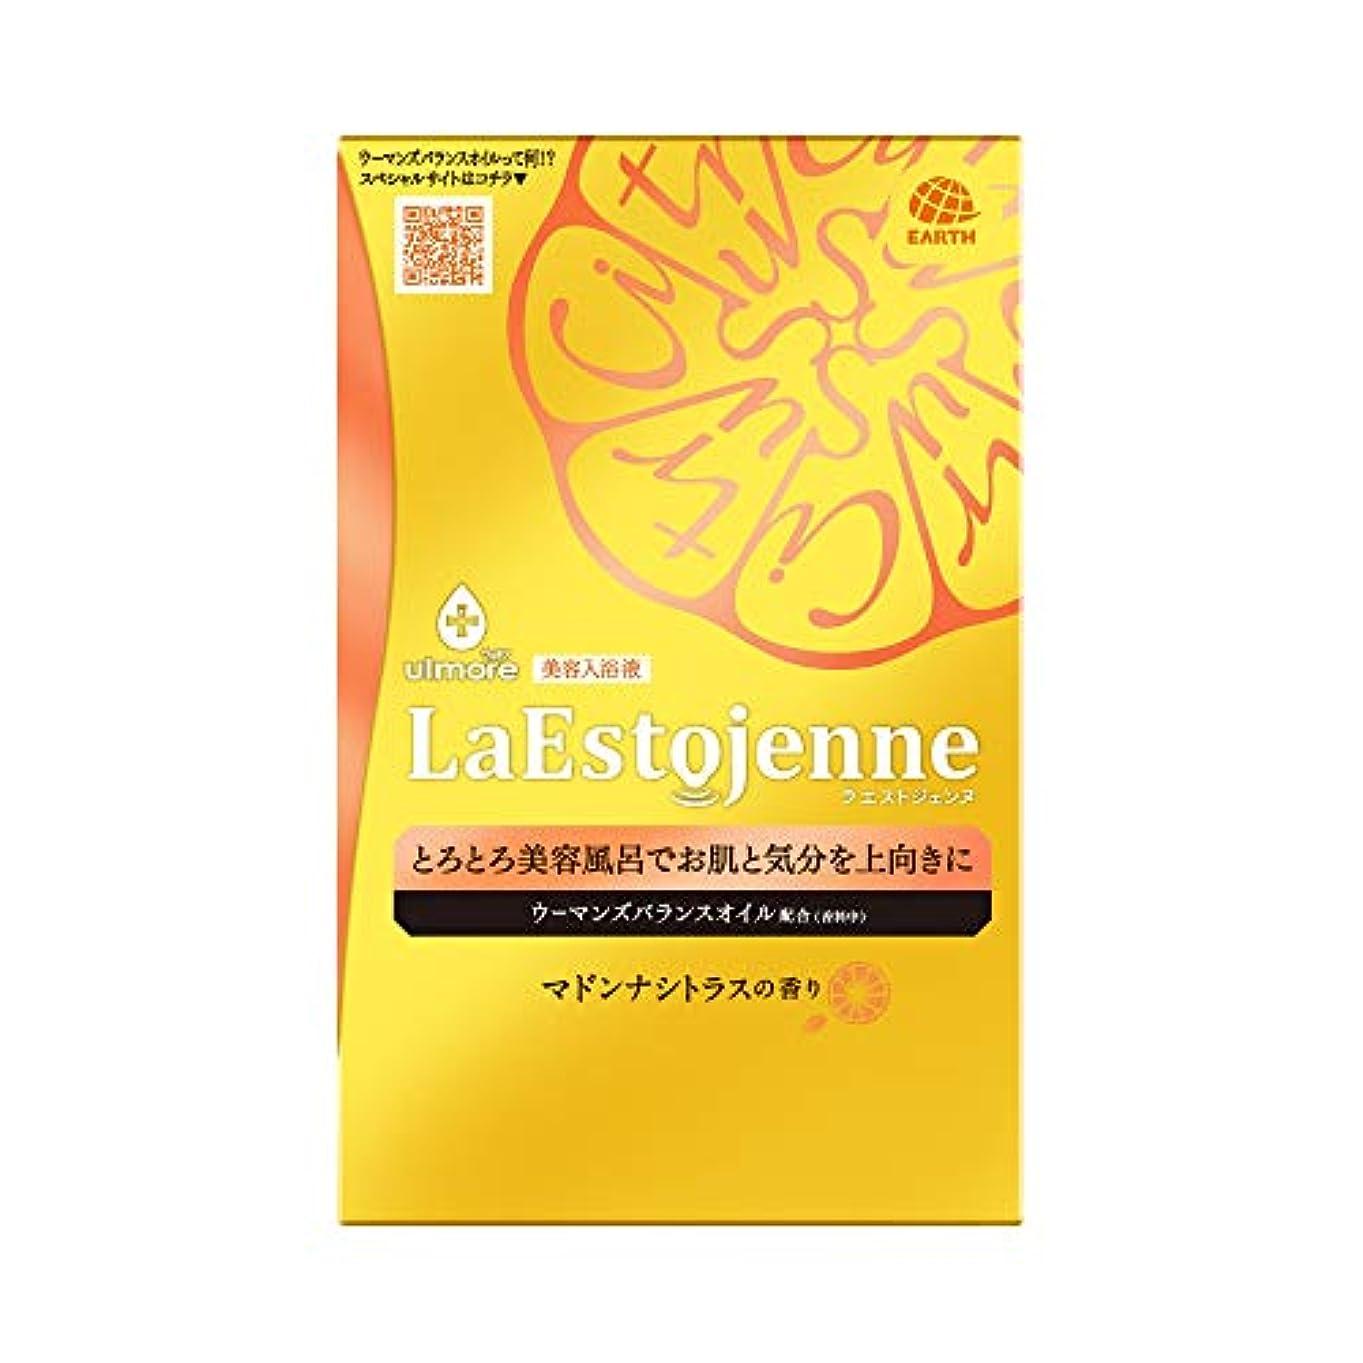 さておききらめき連邦ウルモア ラエストジェンヌ 入浴剤 マドンナシトラスの香り [160ml x 3包入り]